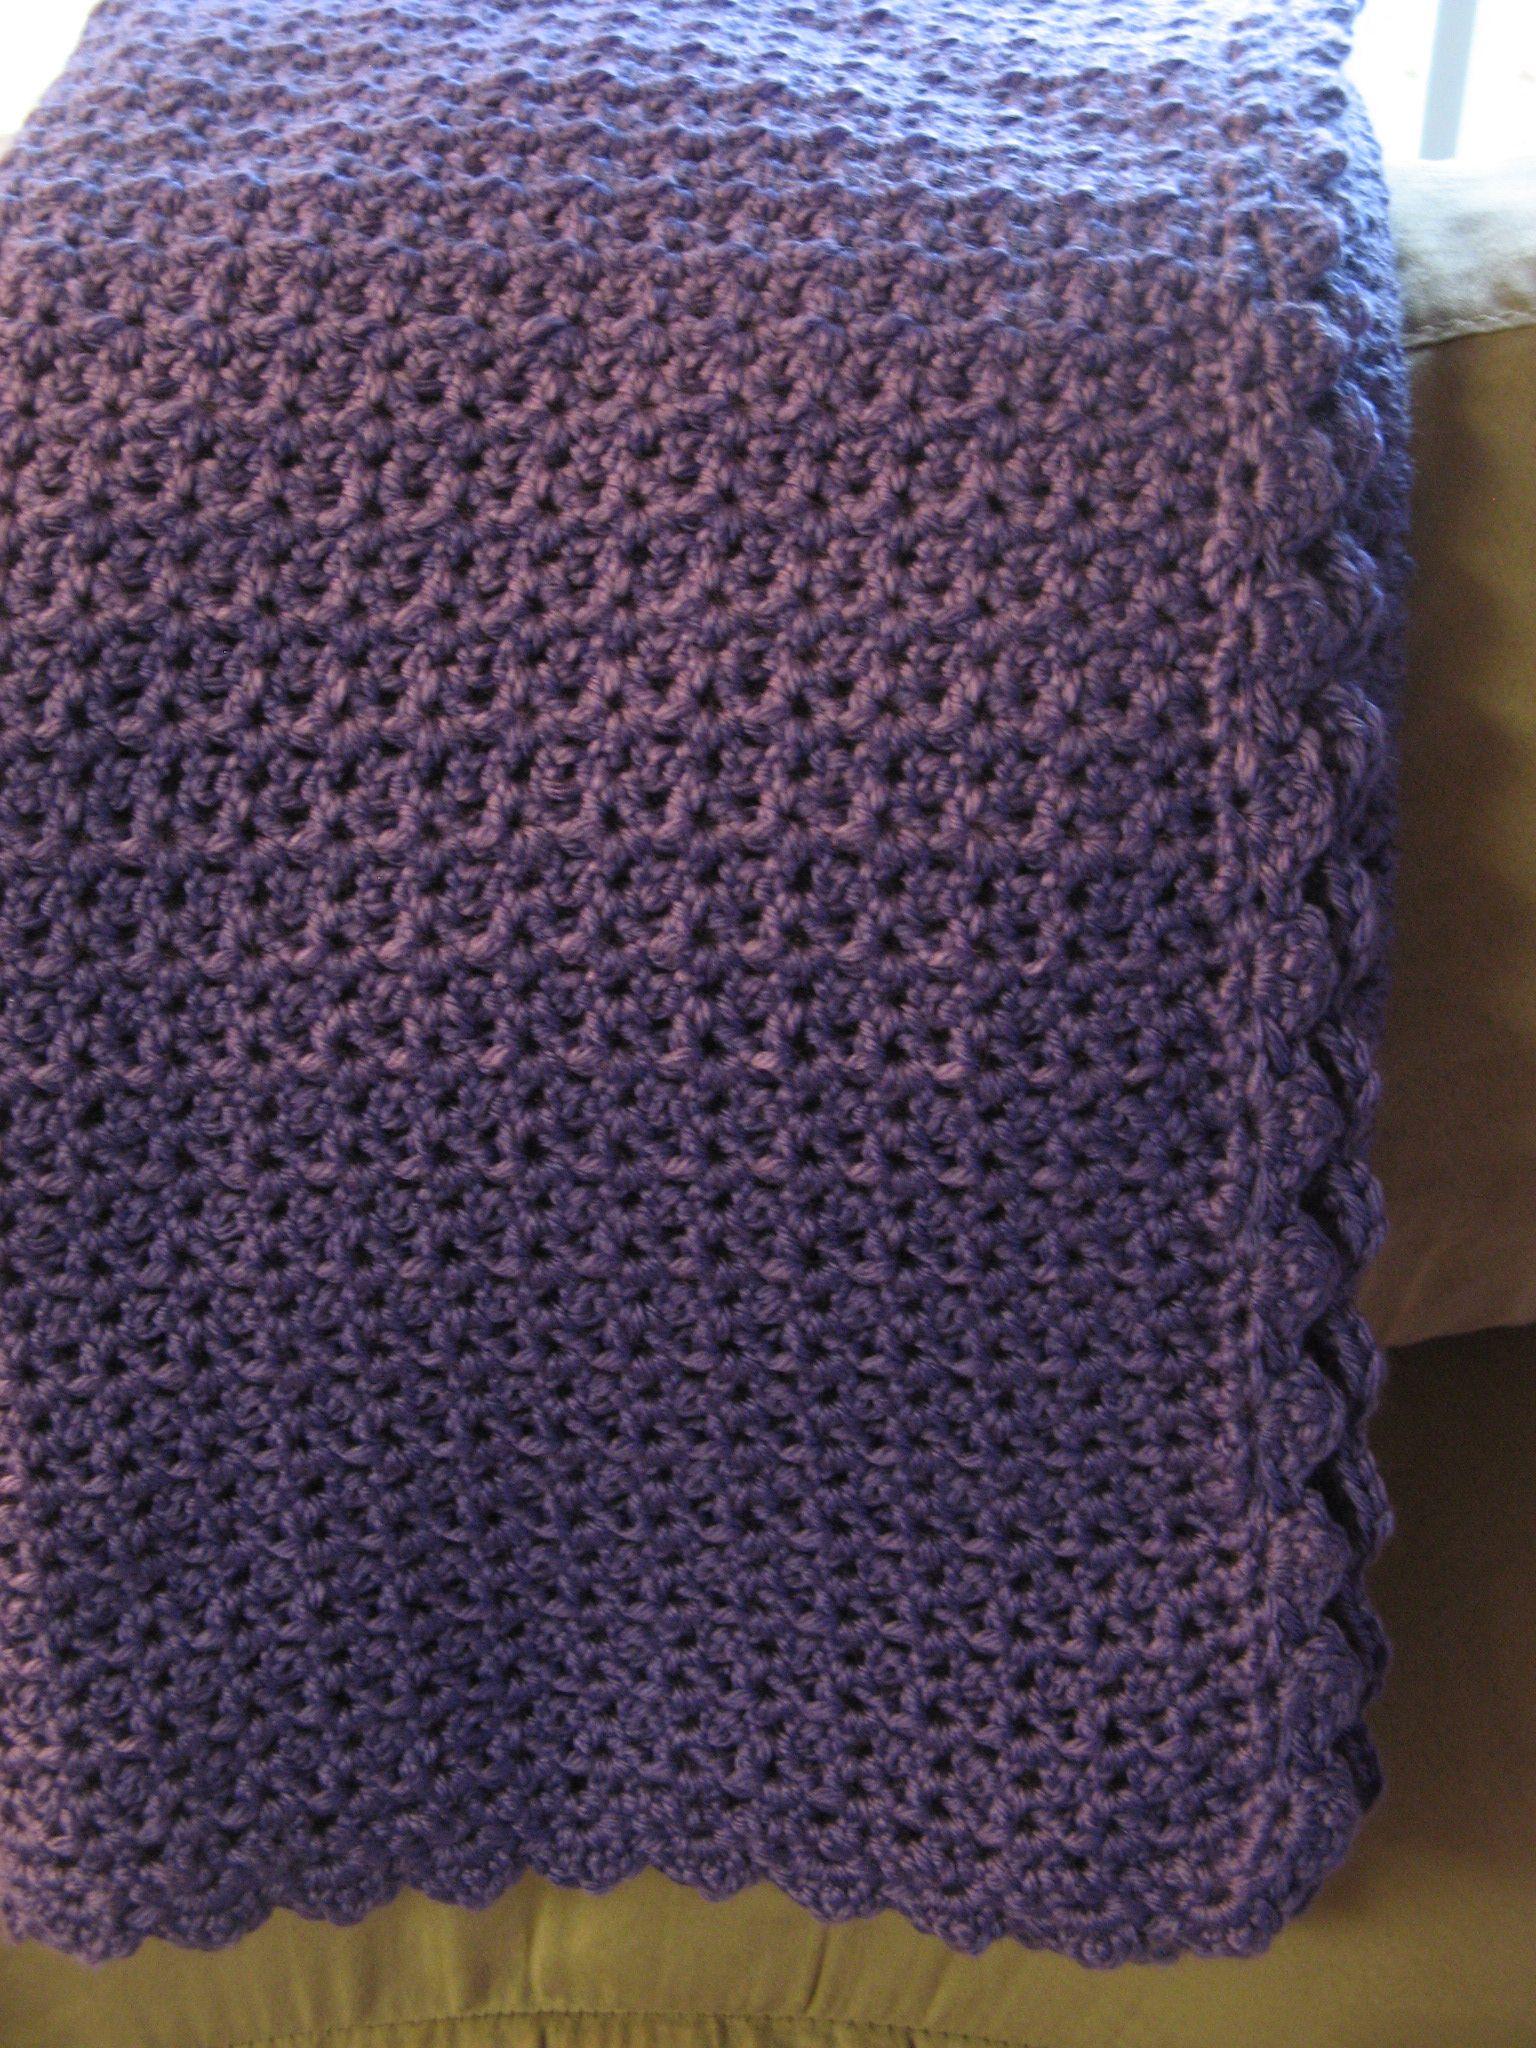 Violet v stitch baby blanket blanket violets and crochet violet v stitch baby blanket crochet baby blanket patternscrochet bankloansurffo Choice Image